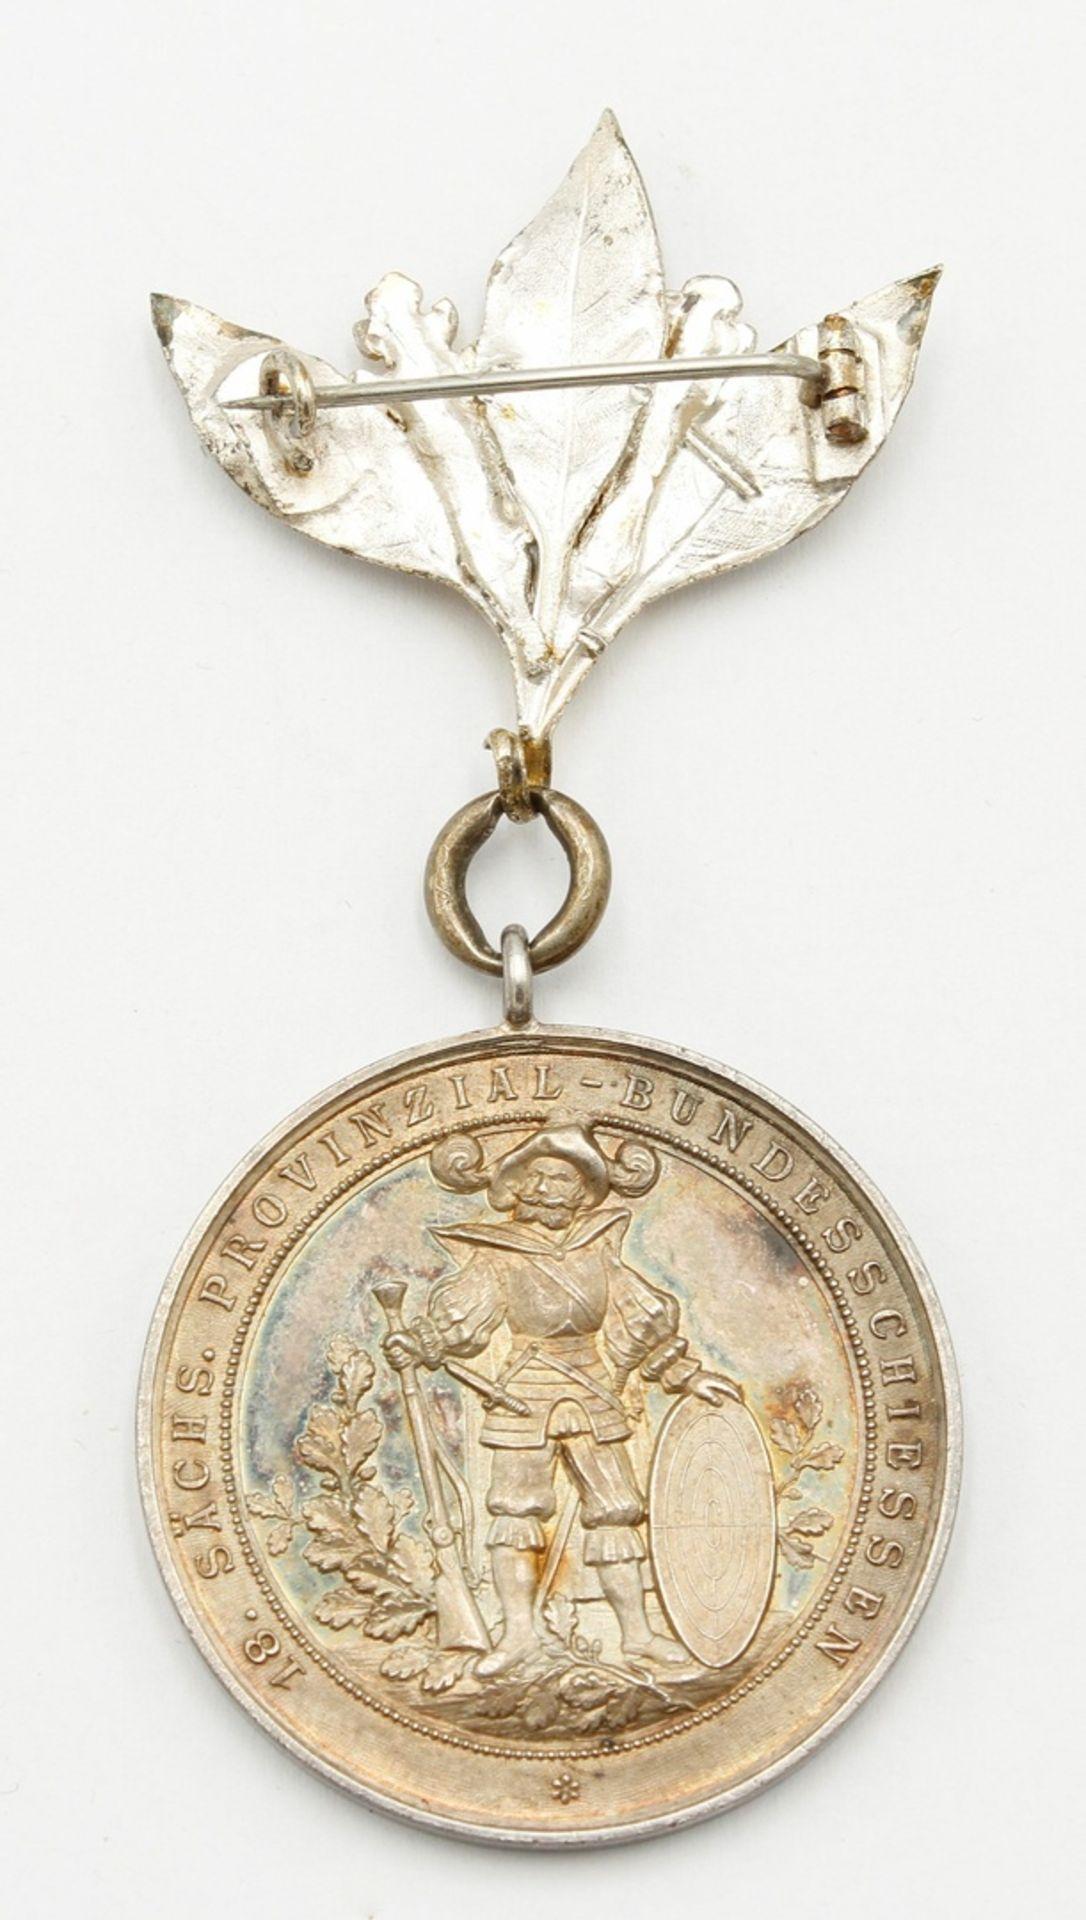 Medaille Halberstadt, 18. Sächs. Provinzial-Bundesschiessen, 1899 - Bild 2 aus 2